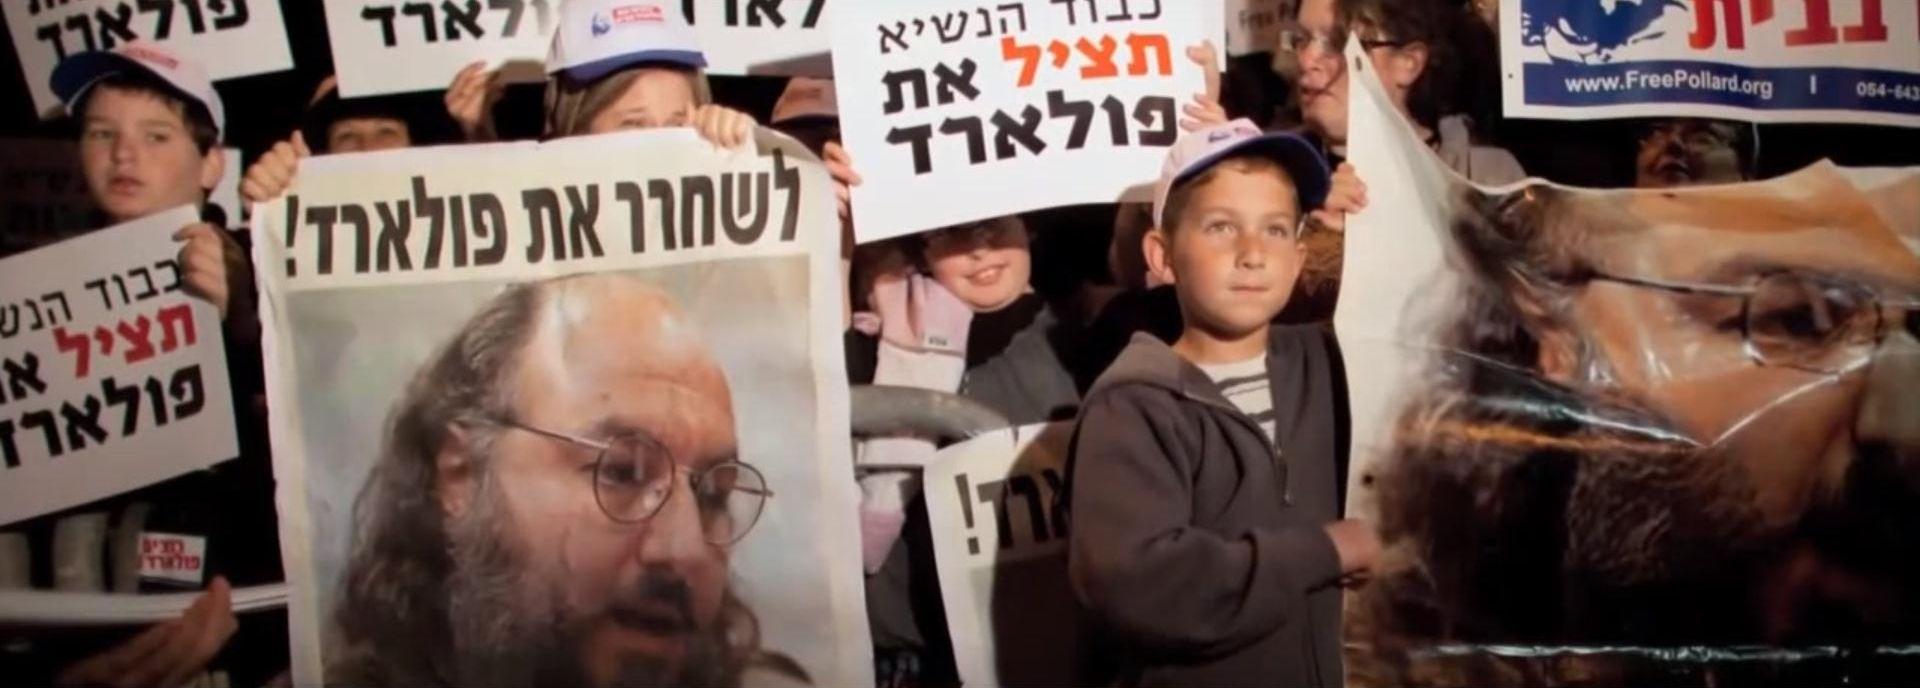 U ZATVORU PROVEO 30 GODINA Amerika oslobađa Jonathana Pollarda, izraelskog špijuna